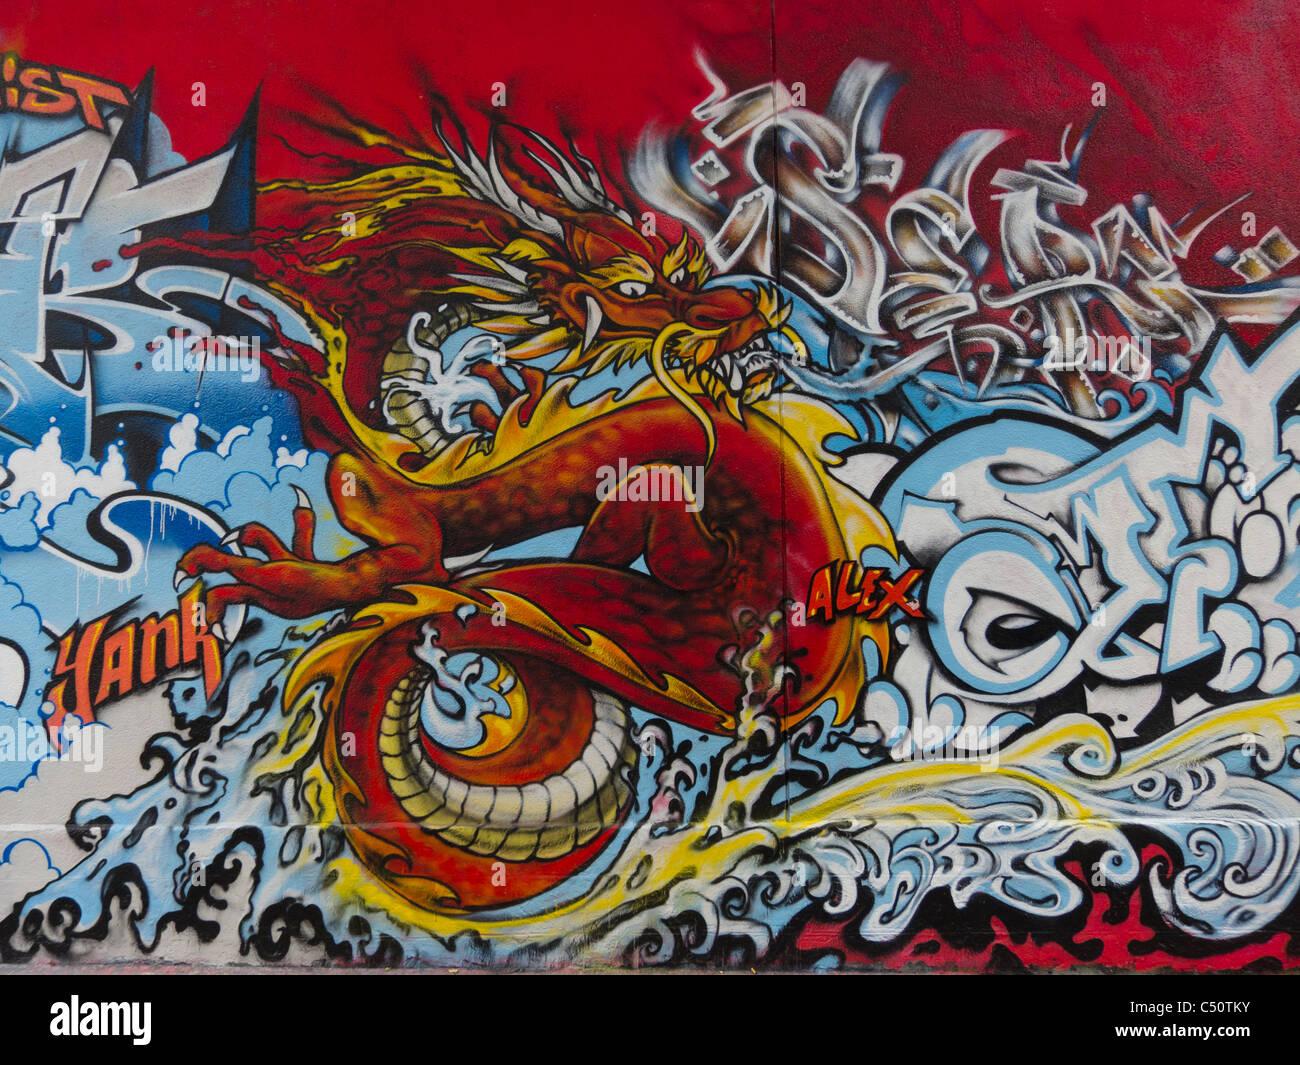 Asian Graffiti 51